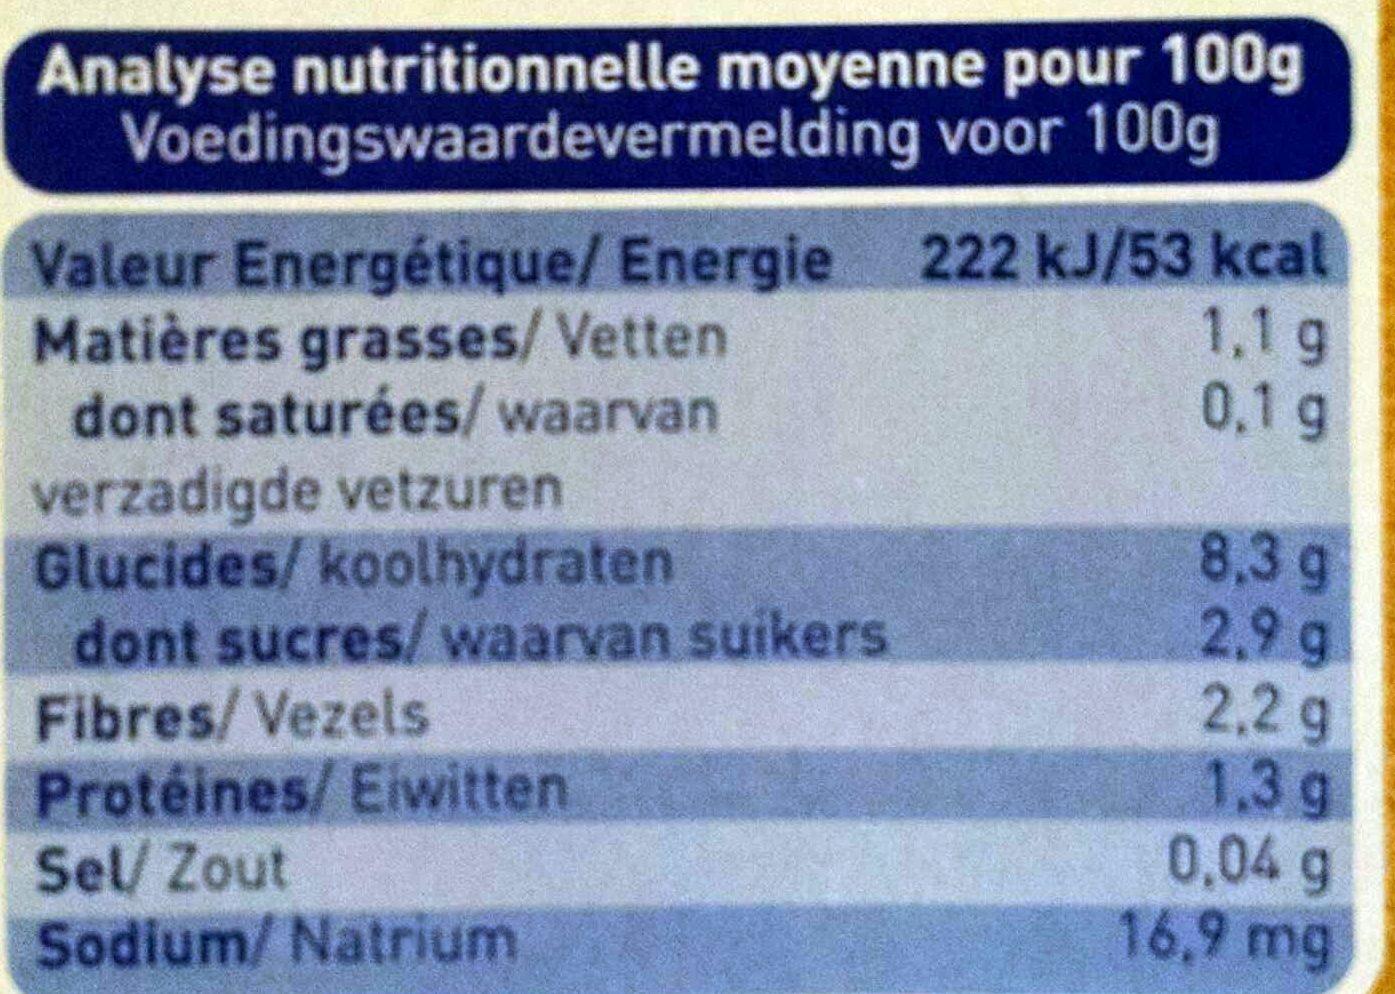 Blé et légumes variés, dès 6 mois, certifié AB - Voedingswaarden - fr